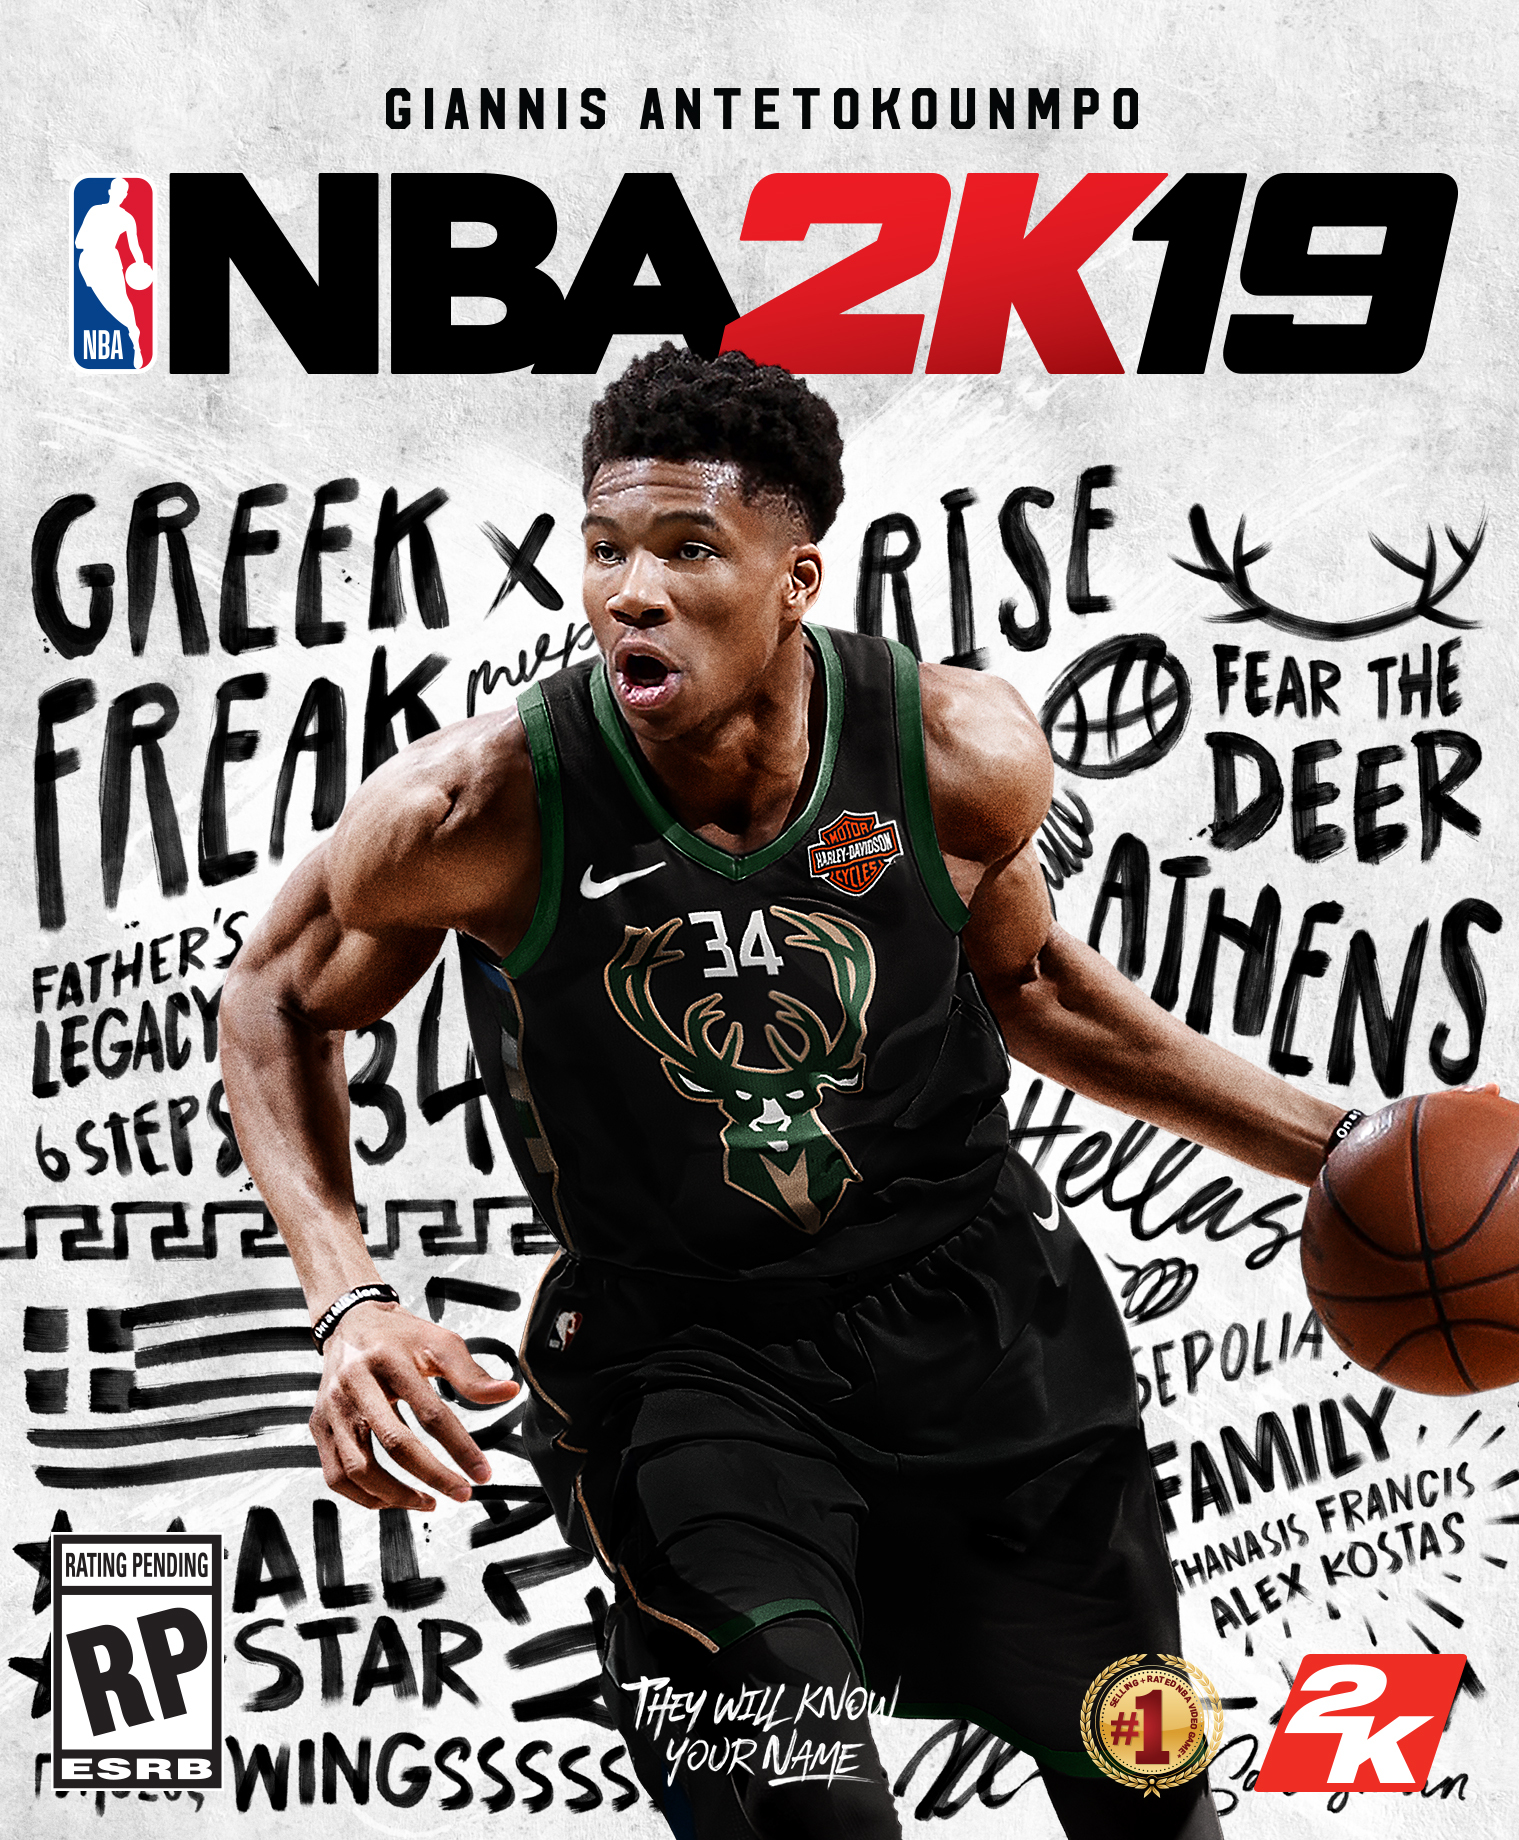 Nba 2k 20 Wallpaper: NBA 2K19 Features First International Cover Star, Giannis